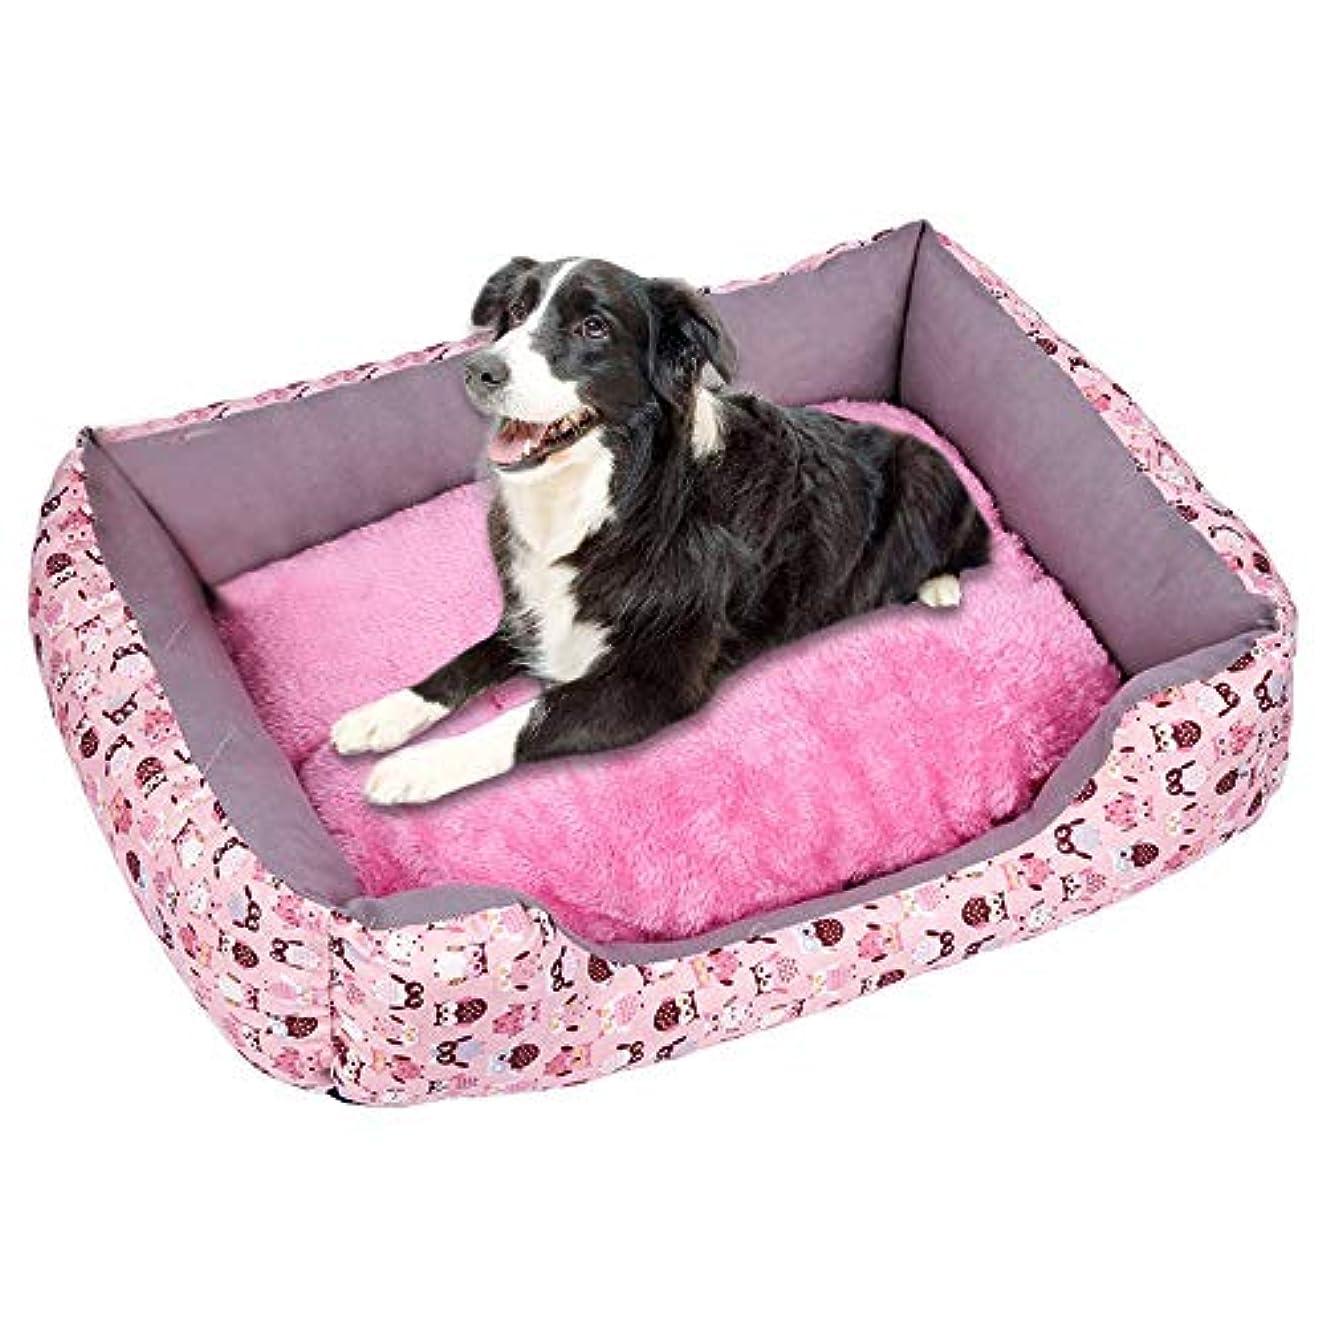 初心者成長積分プラスベルベット肥厚ペットの巣 柔らかいペット犬猫ベッド子犬クッションハウスペットソフト暖かい犬小屋犬マットブランケット 犬小屋 ペットハウス ペットネスト 犬舎 柔らかくて温かく 快適で通気性があります (B, S)